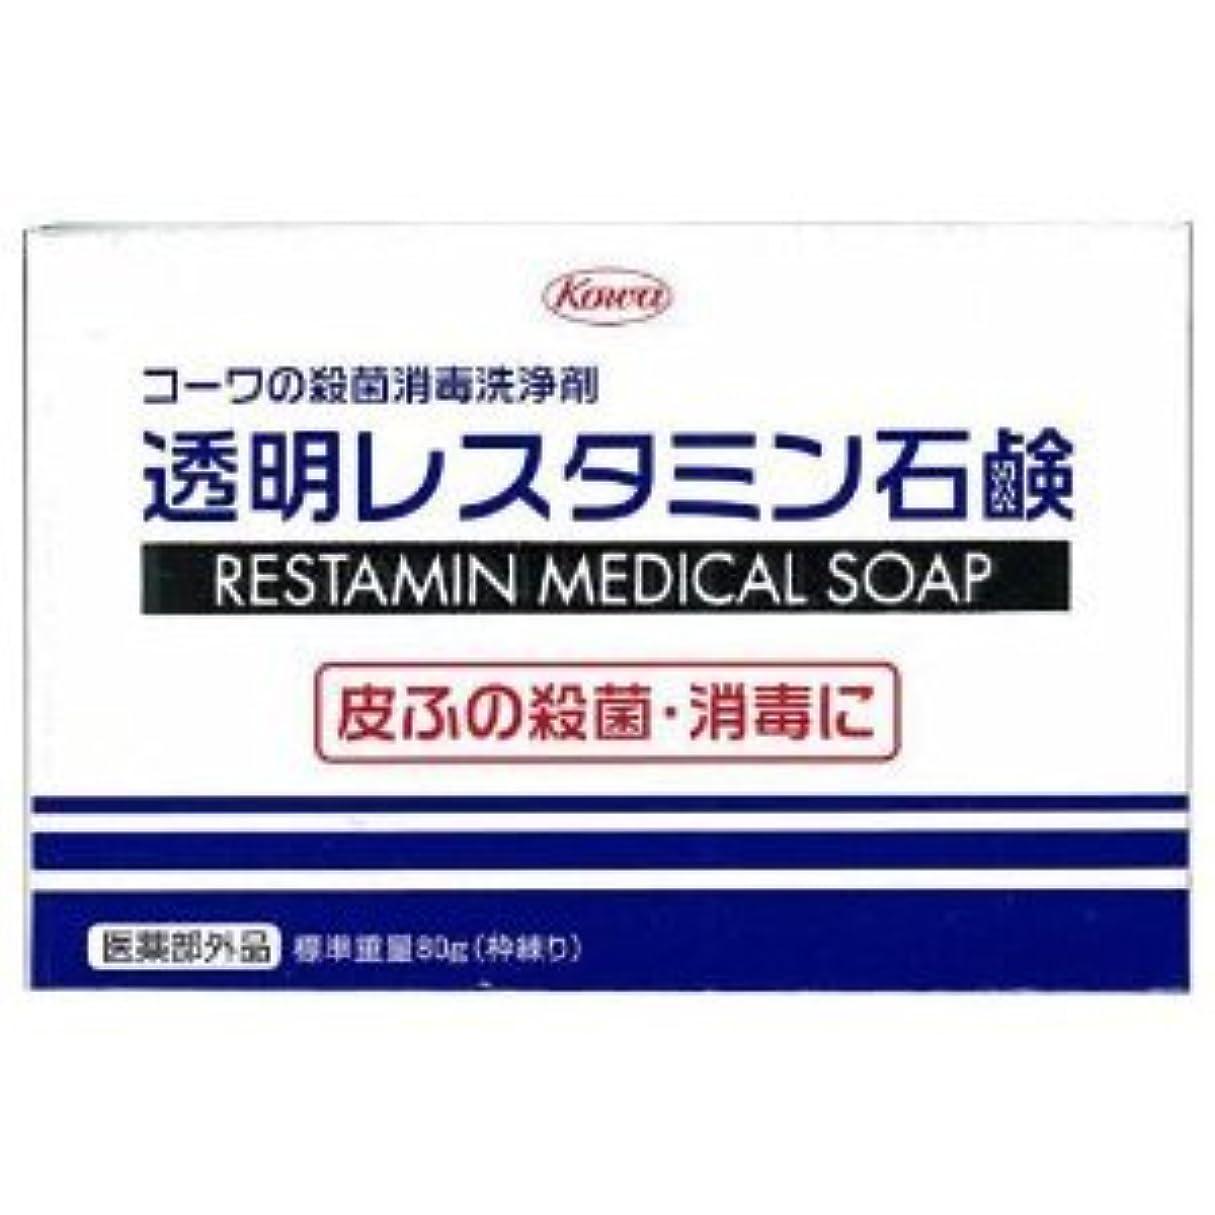 回復流暢遅い【興和】コーワの殺菌消毒洗浄剤「透明レスタミン石鹸」80g(医薬部外品) ×10個セット